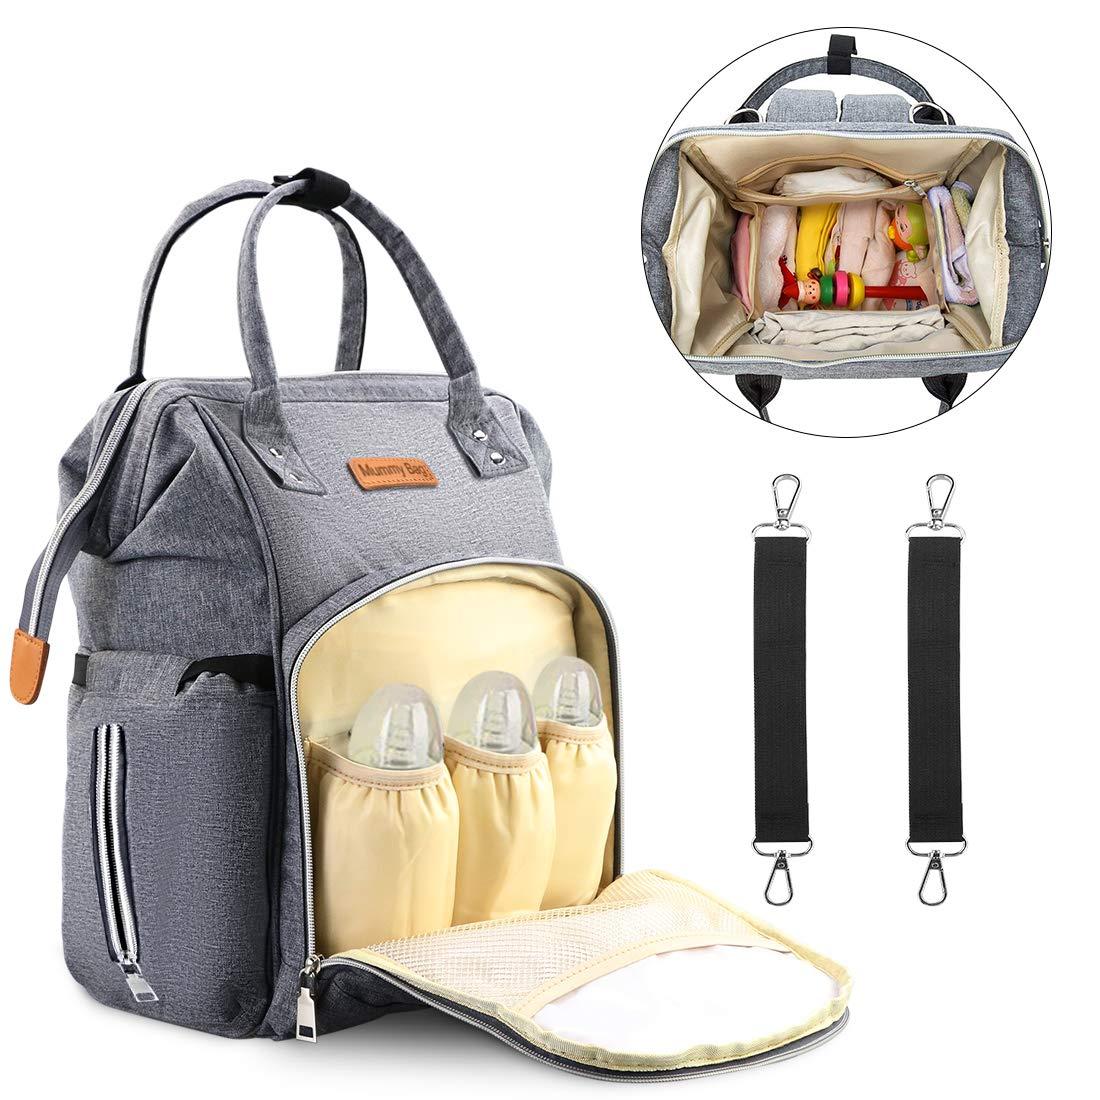 Zaino Mamma Multifunzione Impermeabile neonato Fasciatoio Bambino con Sacchetto di Isolamento Termico, Oxford Grande Capacità Viaggiare Zaino per Mamma Papà